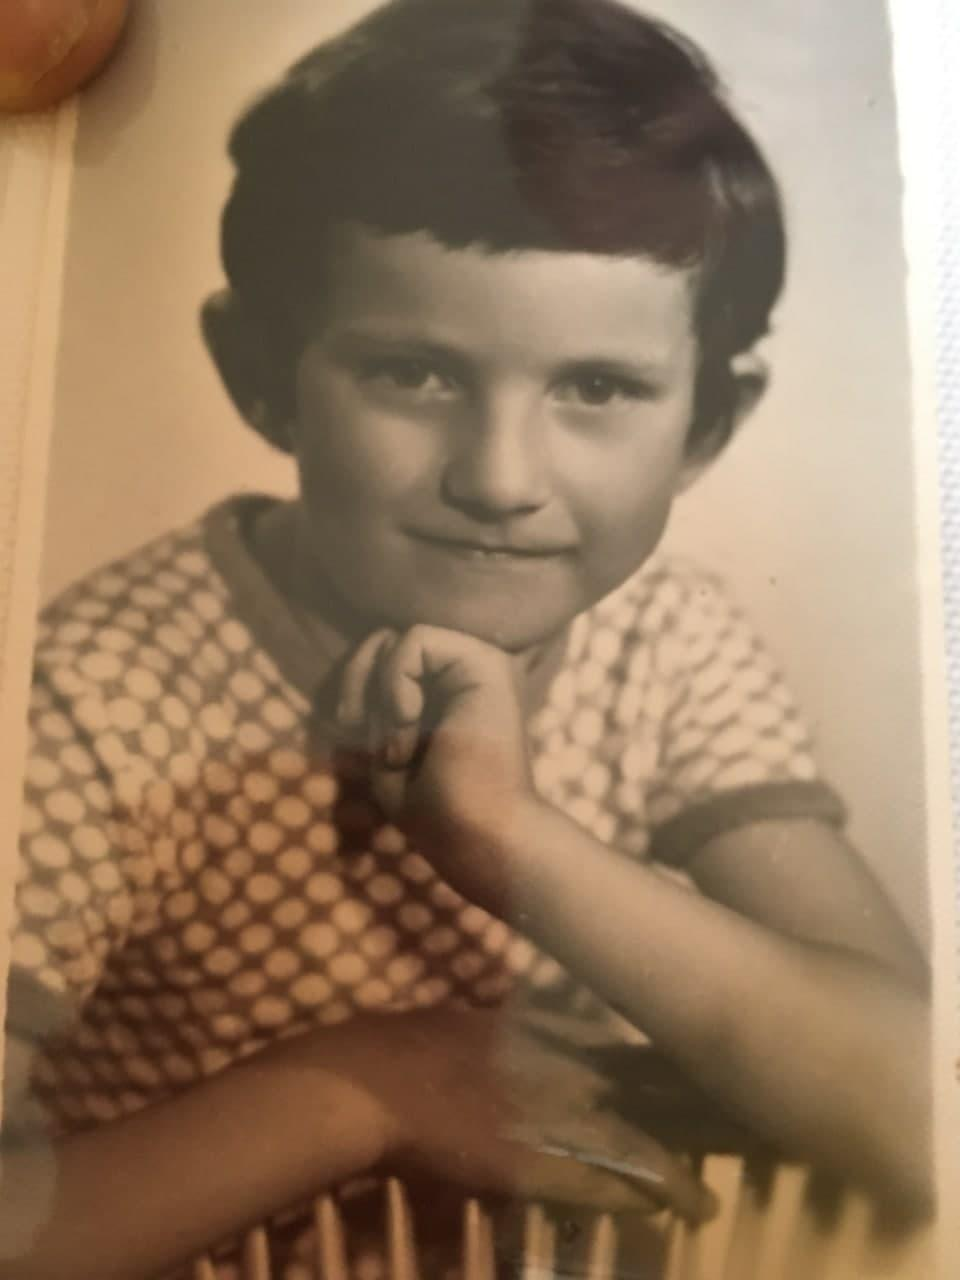 Андрій у дитинстві дивував знаннями англійської мови / фото з сімейного архіву